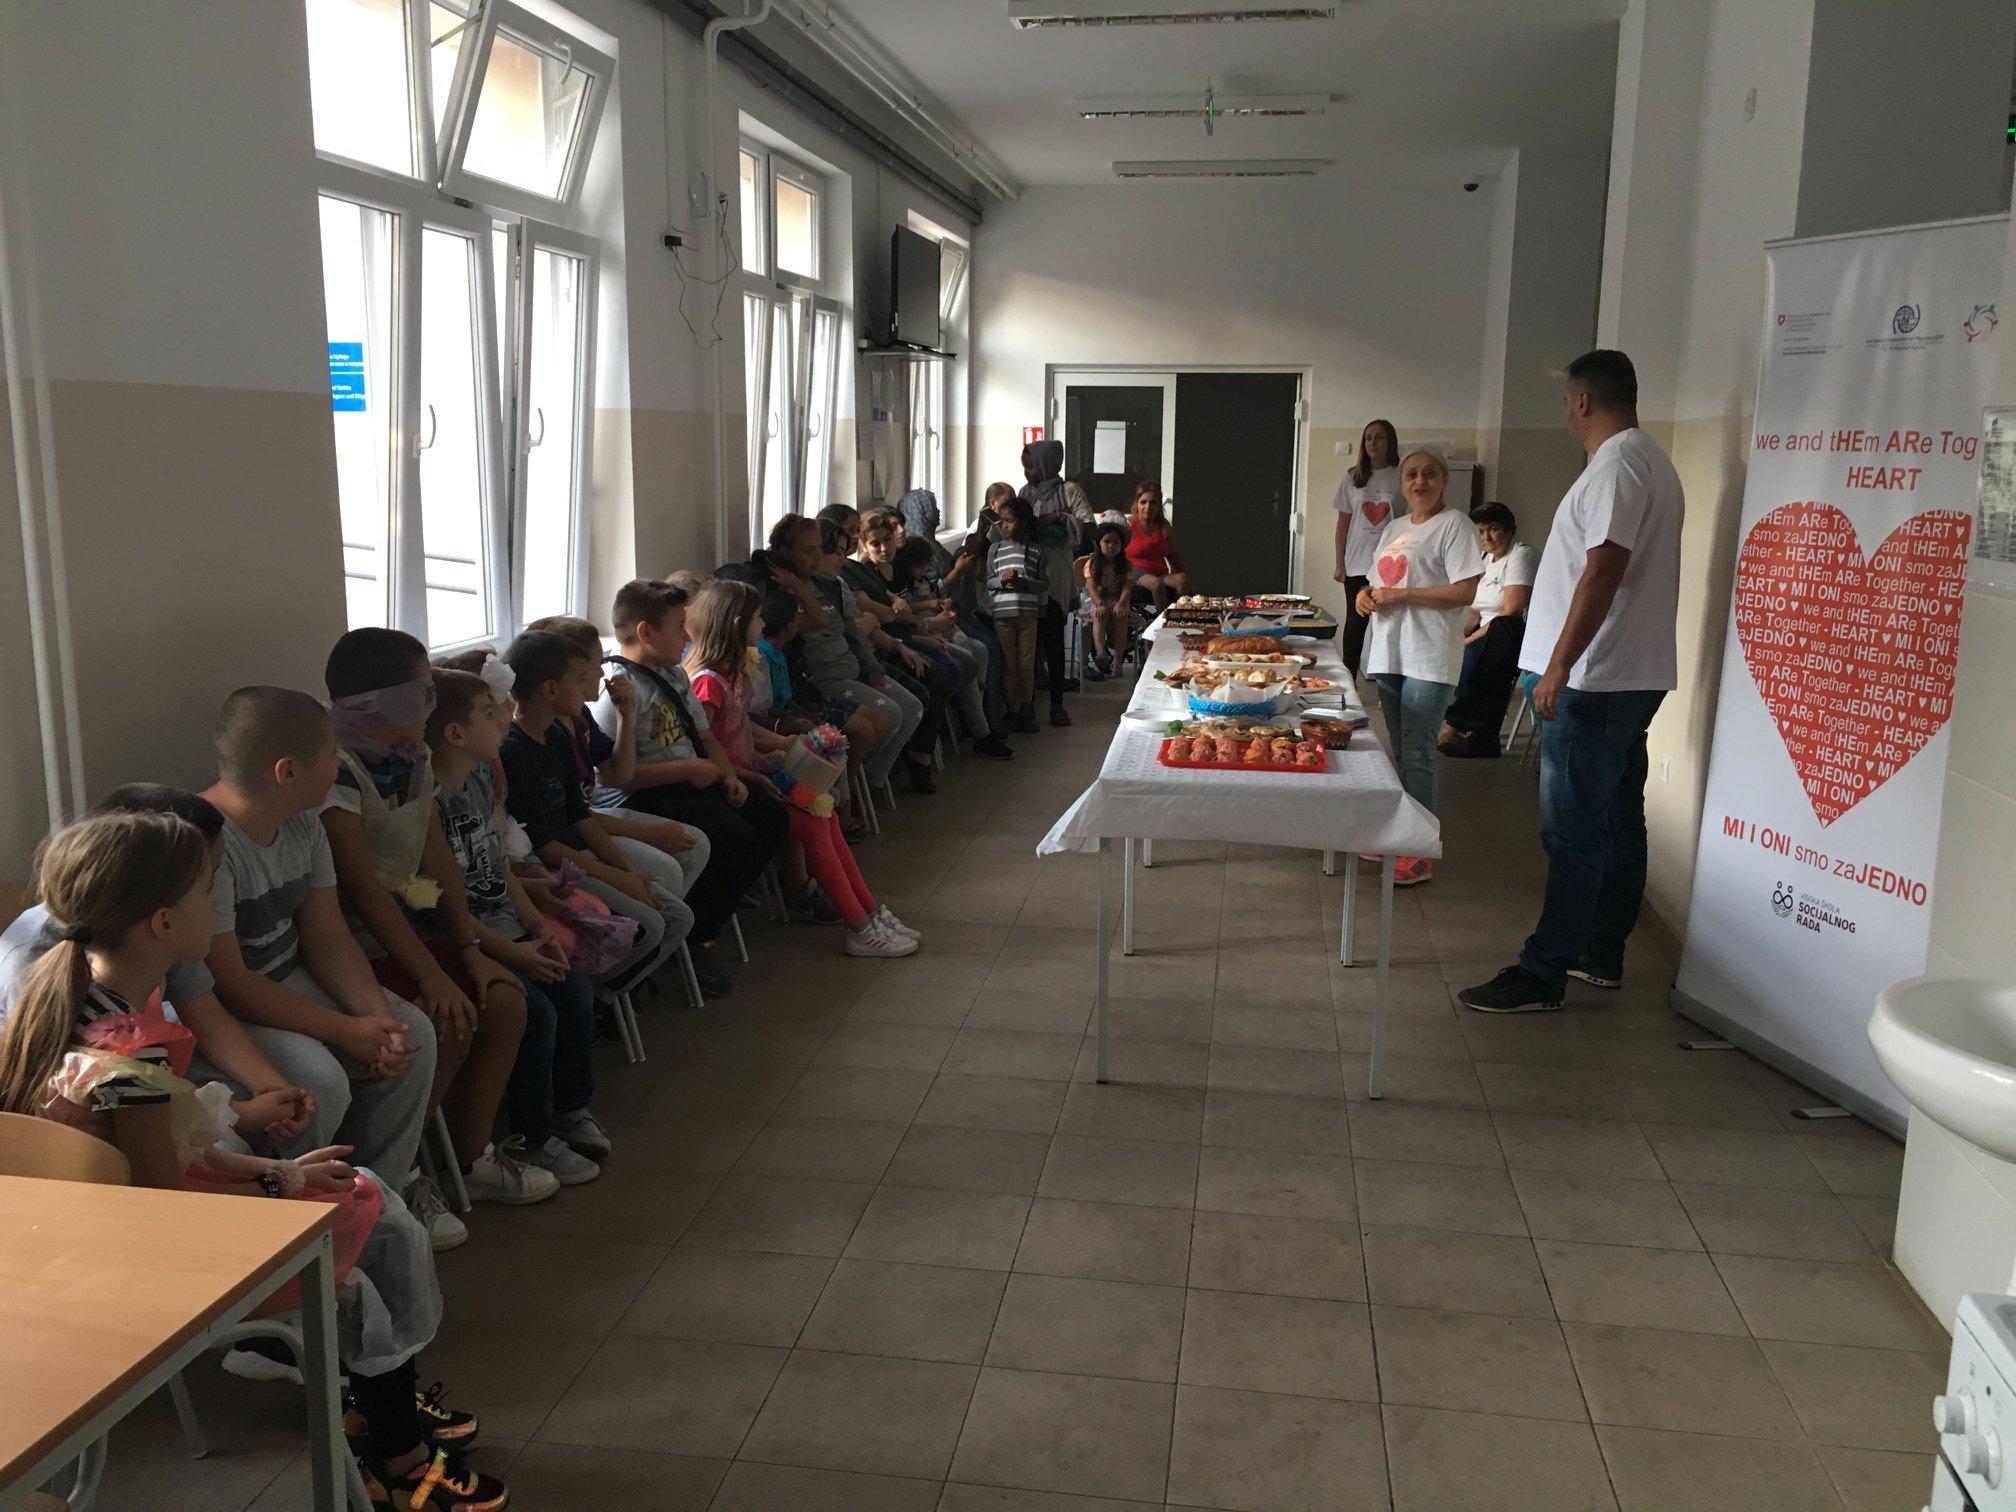 """Projektat """"Mi i oni smo zajedno"""": Decu u Prihvatnom centru u Bosilegradu, posetili drugari iz Osnovne škole """"Georgi Dimitrov"""""""